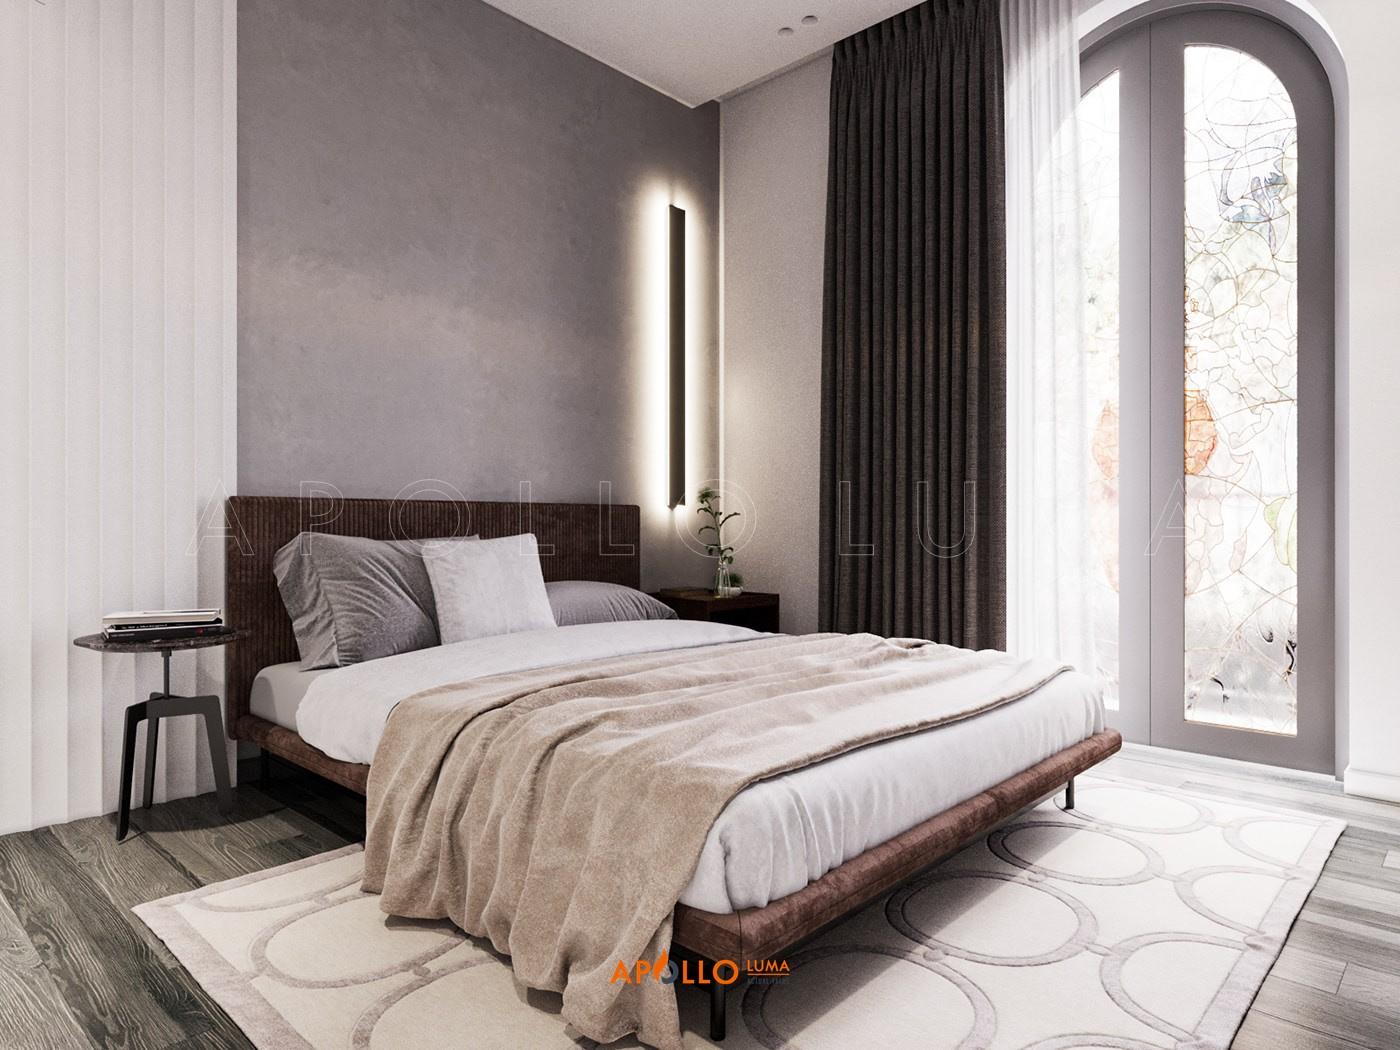 Thiết kế phòng ngủ căn biệt thự Vinhomes Ocean Park